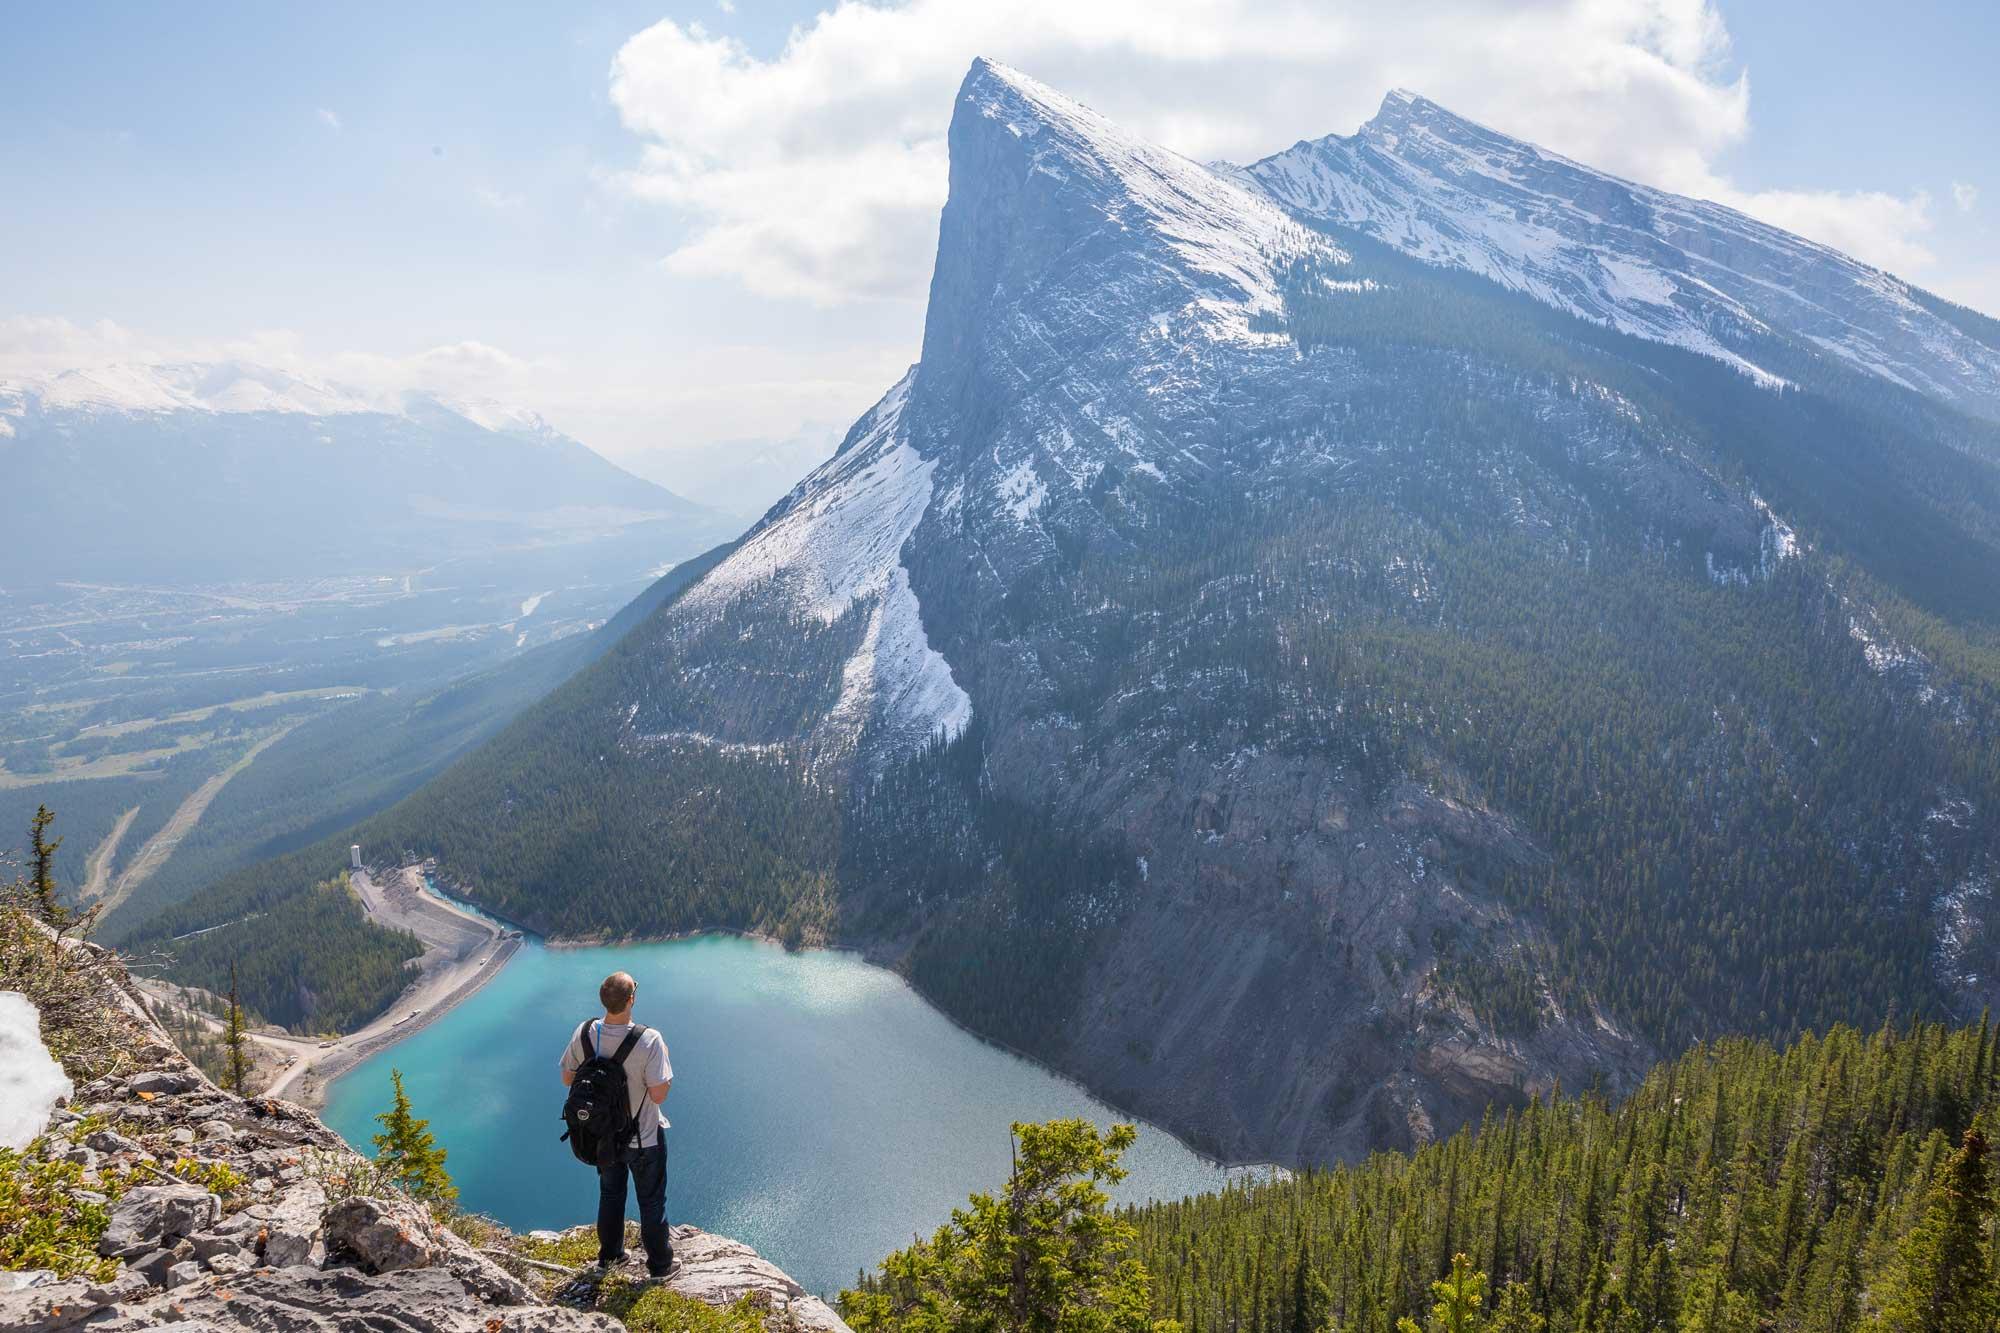 photo of man on enormous mountain